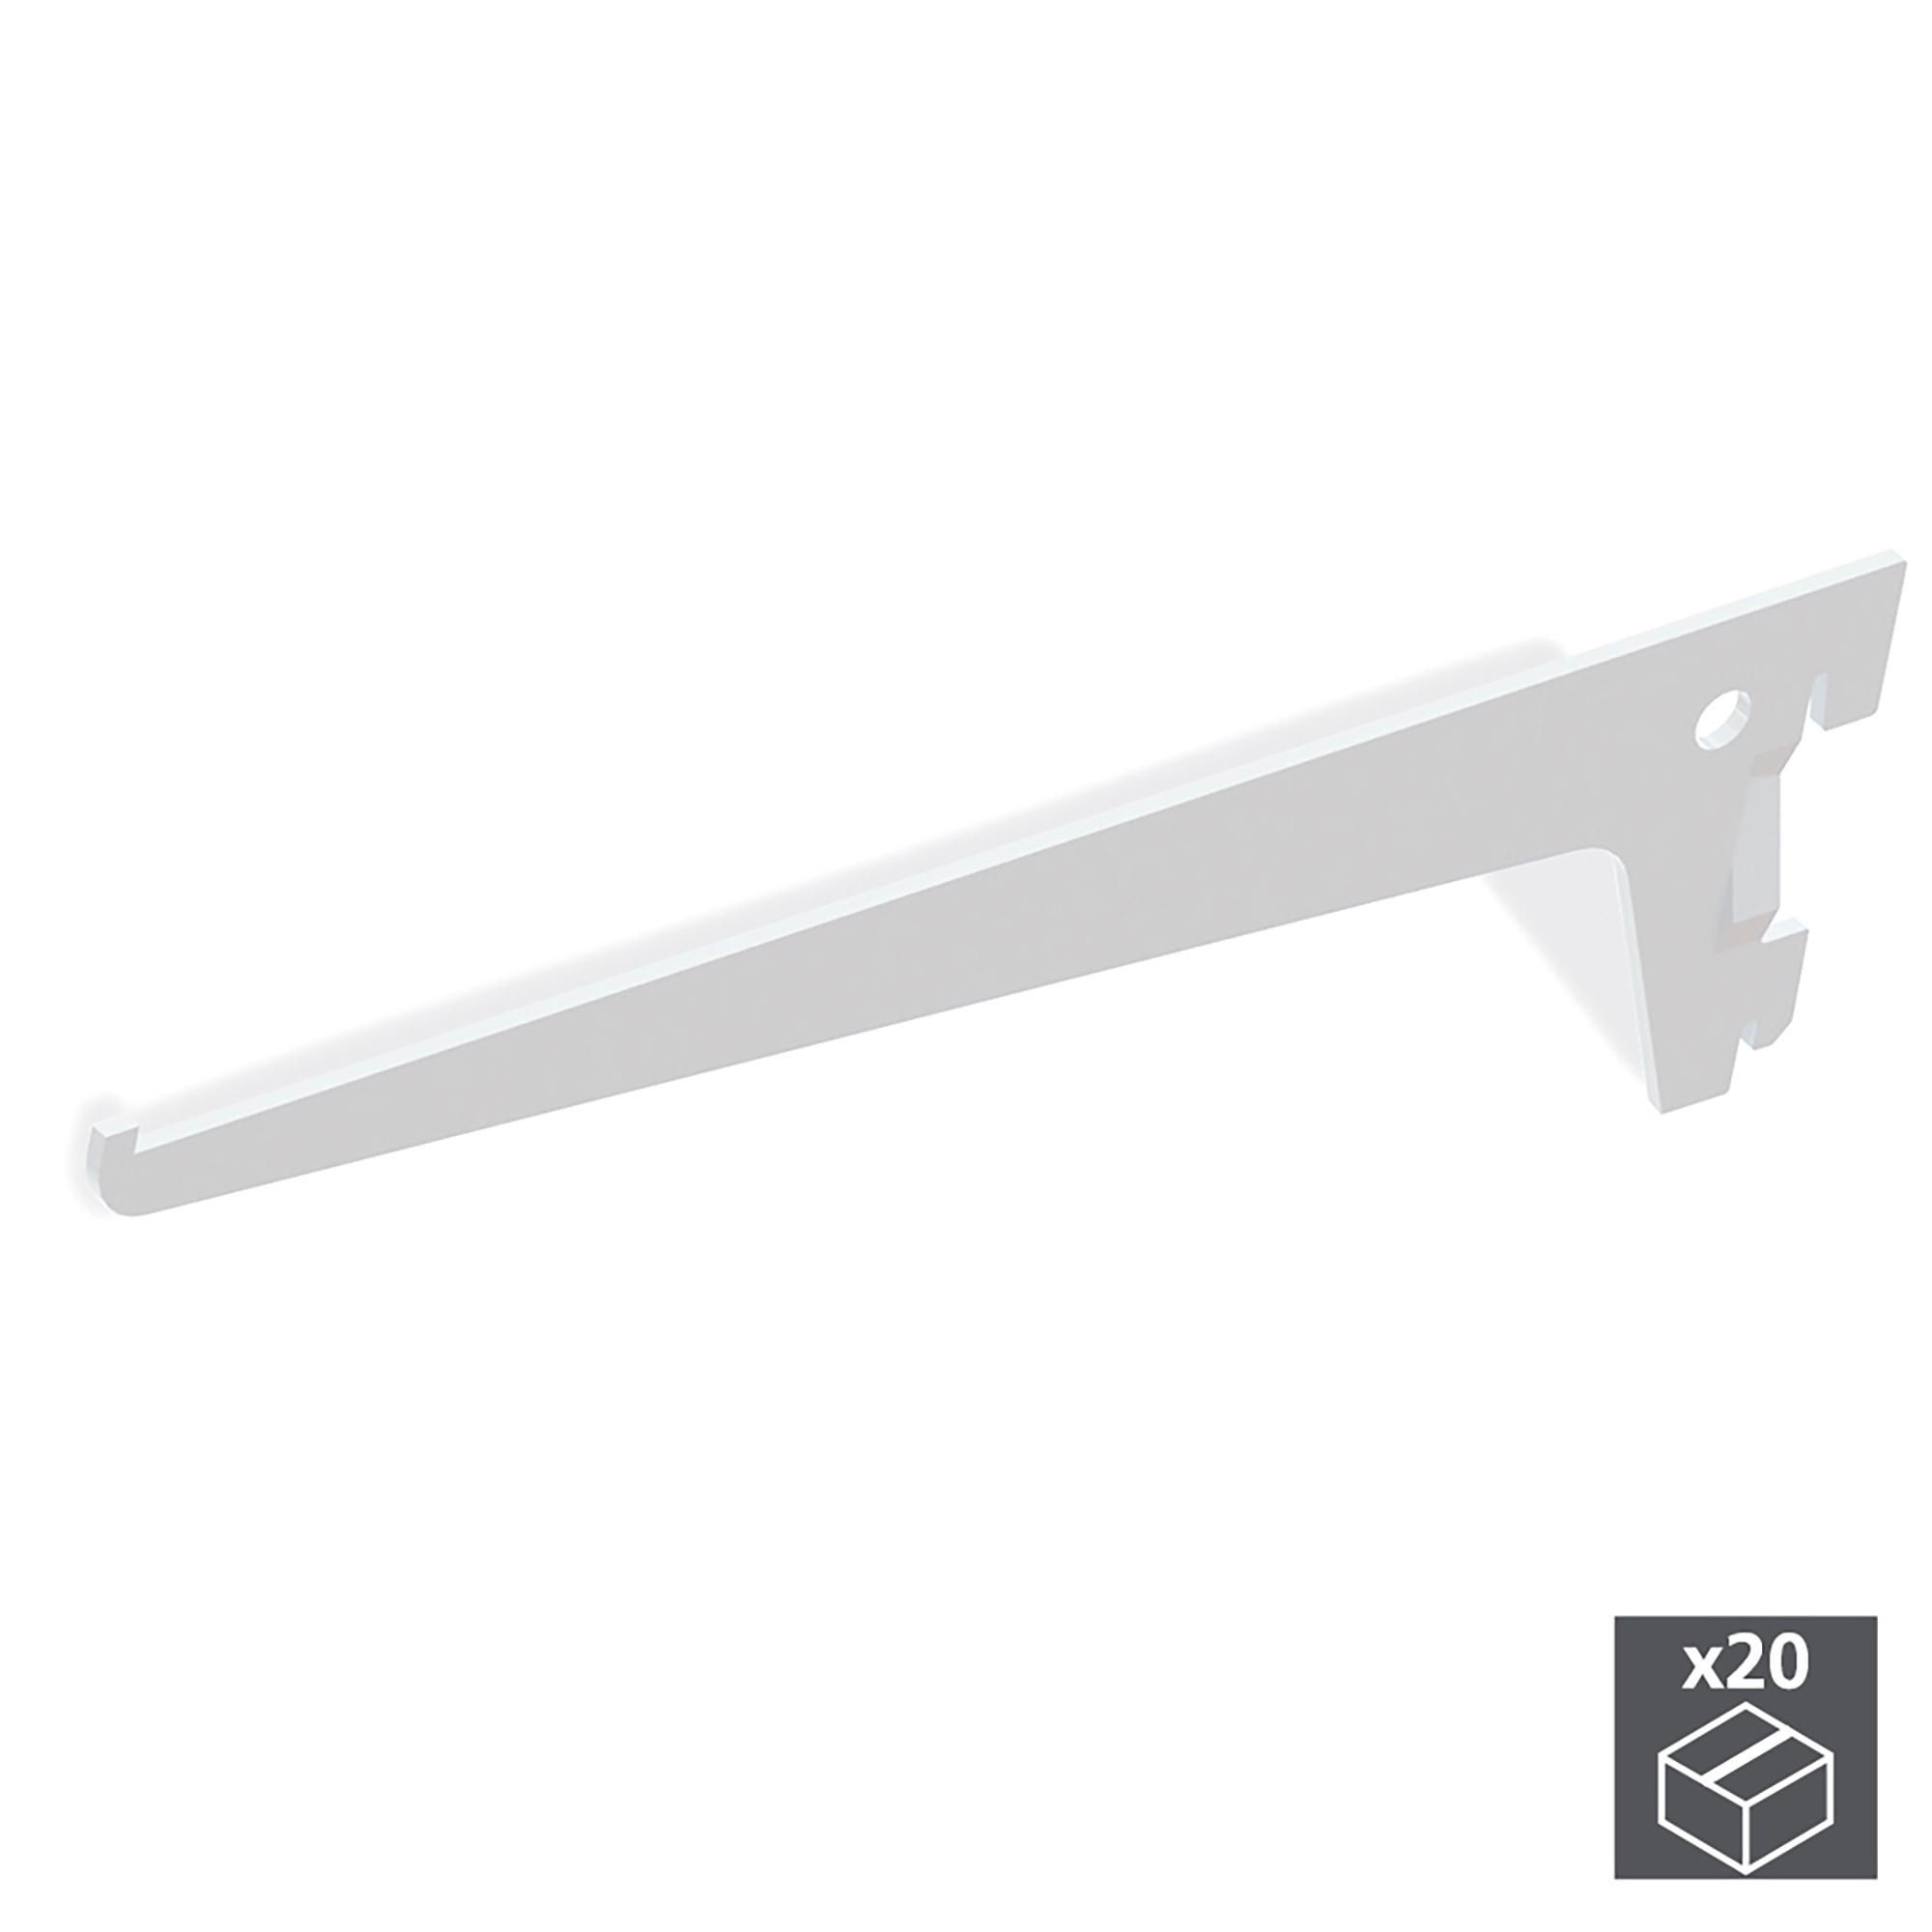 Emuca Supporto per ripiano di legno/vetro, profilo a passo 50 mm, 300 mm, Acciaio, Bianco, 20 u.